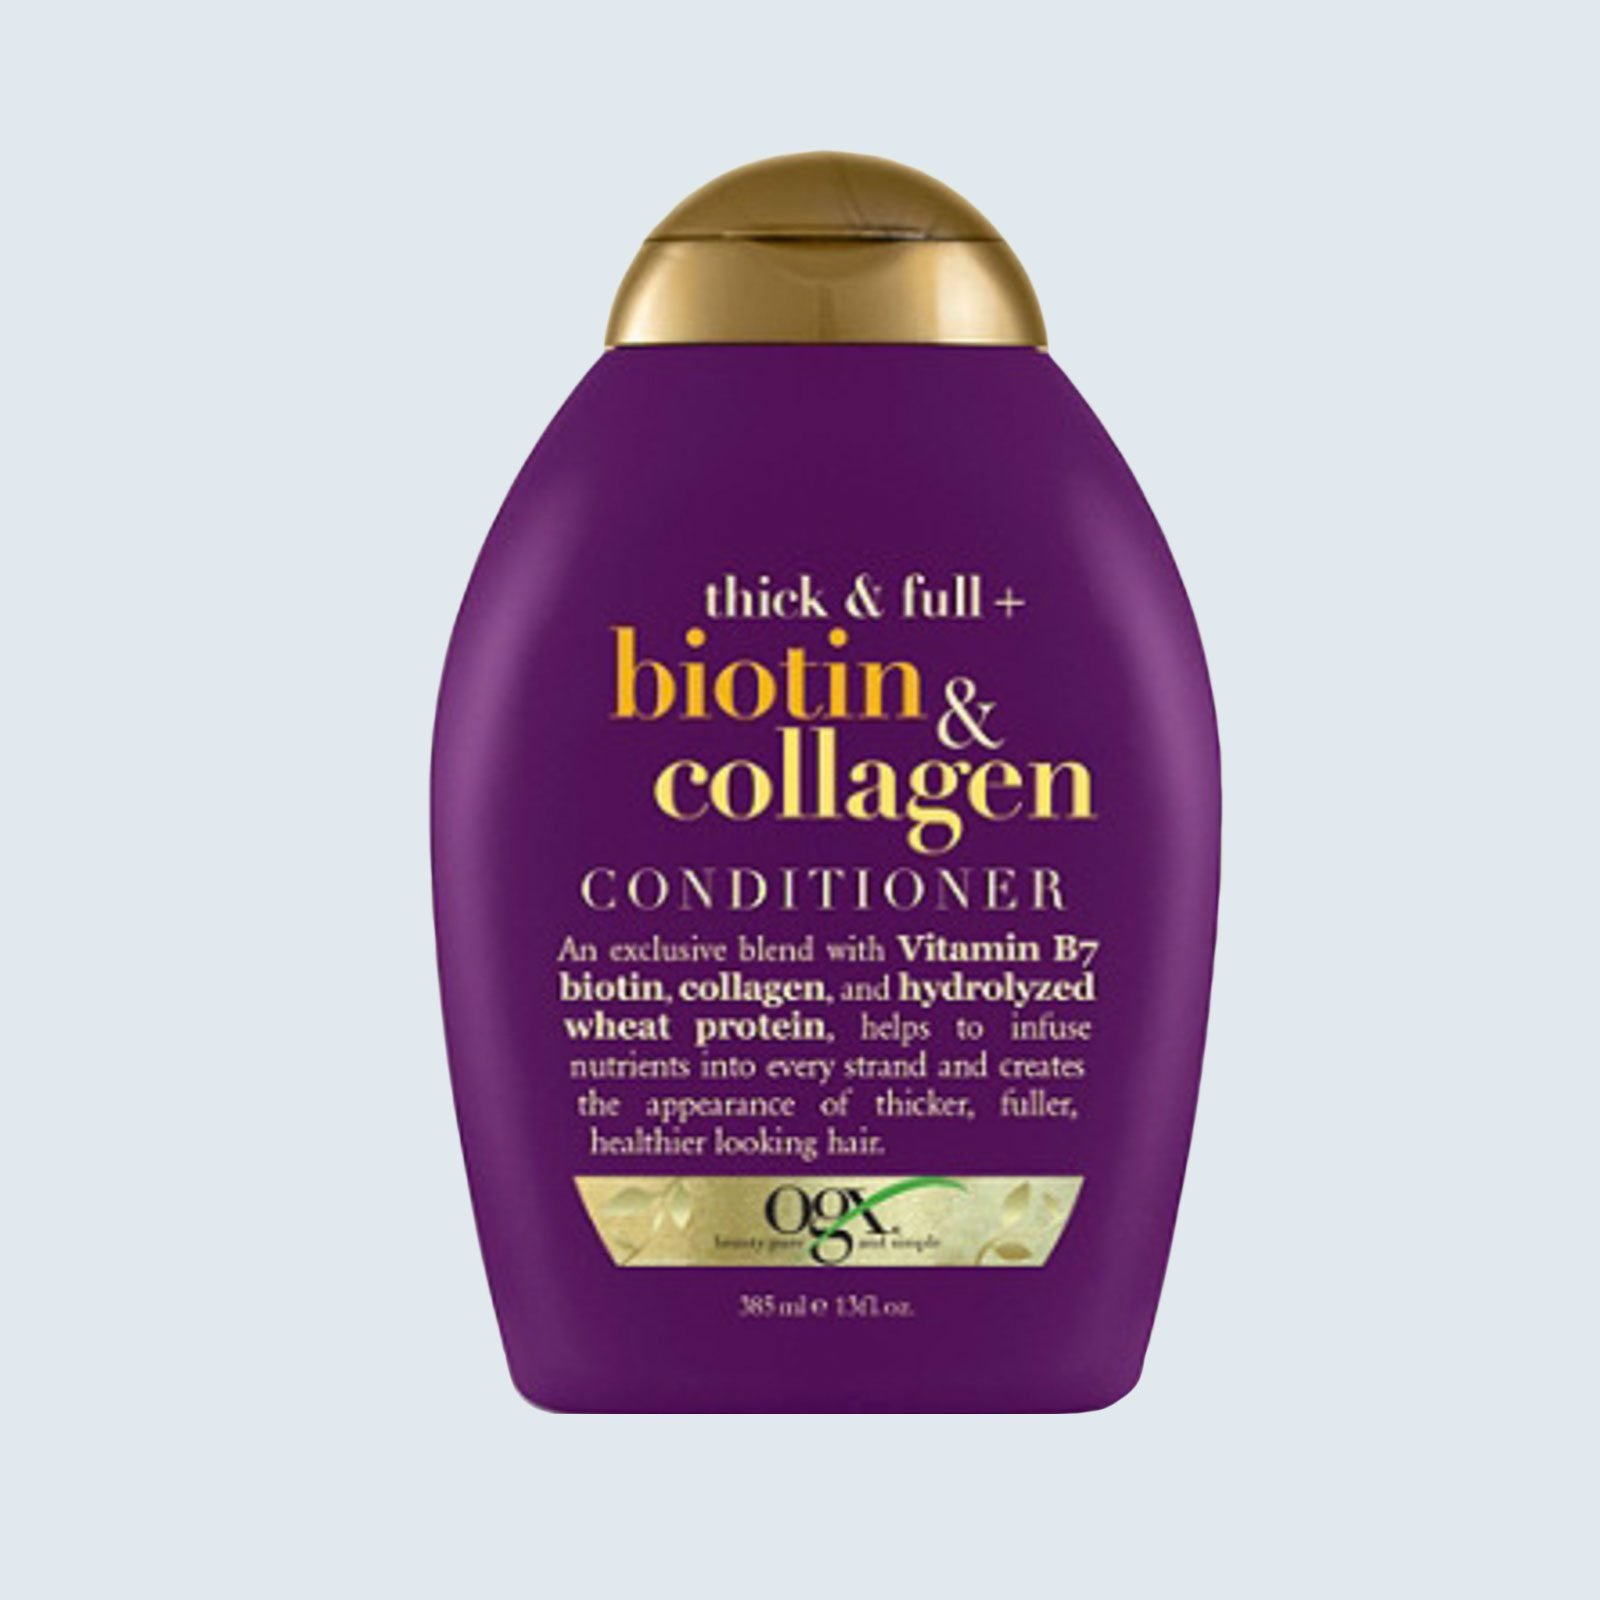 Best volumizing conditioner: OGX Thick & Full Biotin & Collagen Conditioner